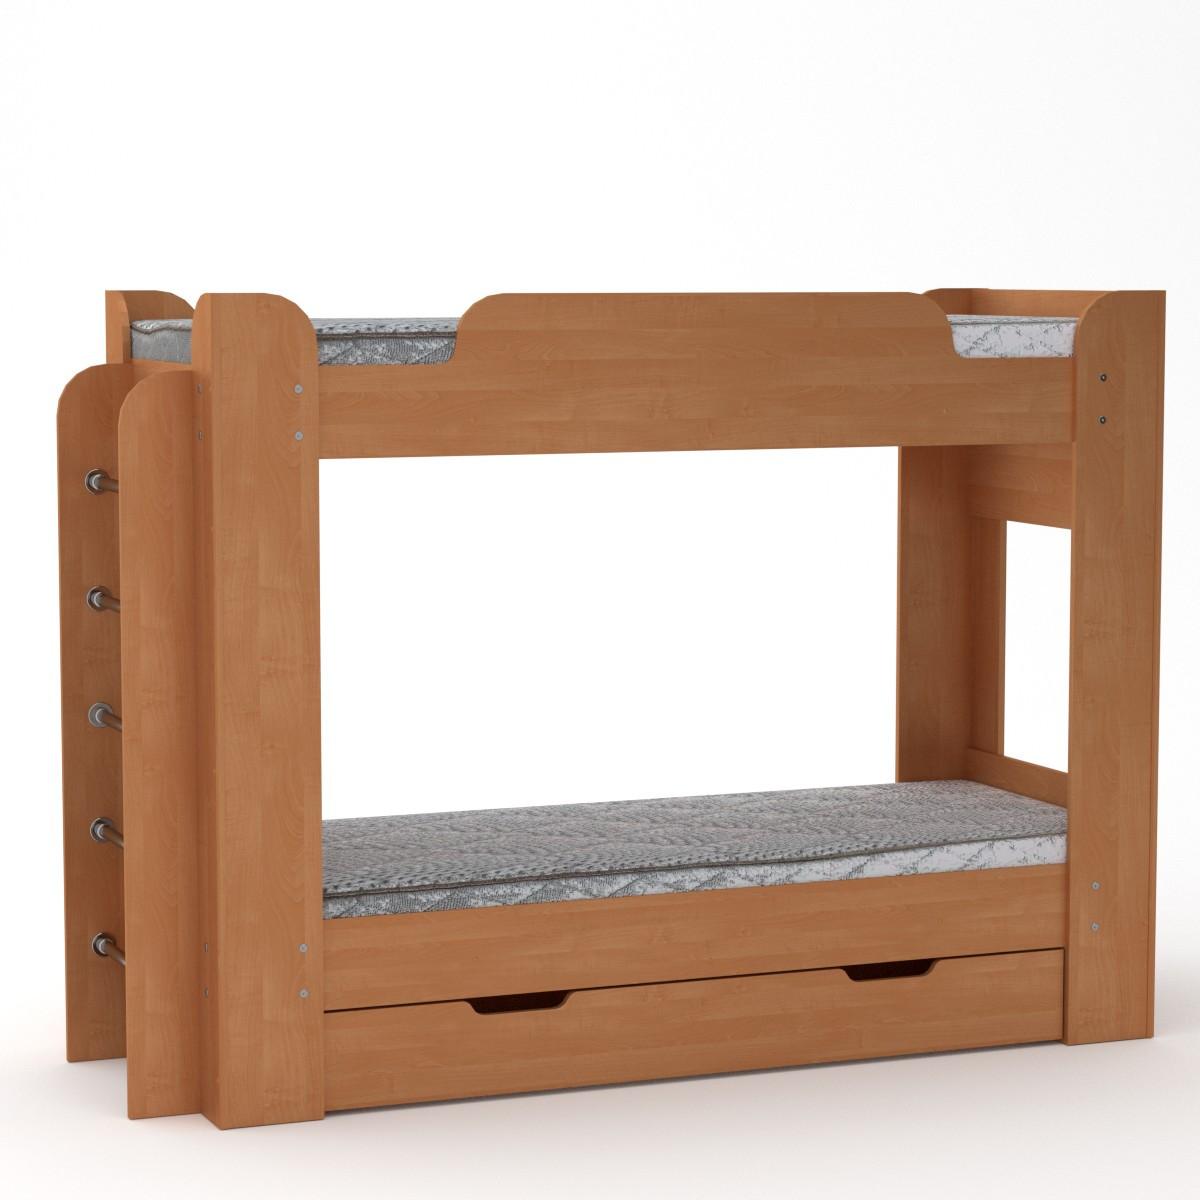 Кровать с матрасами двухъярусная Твикс ольха Компанит